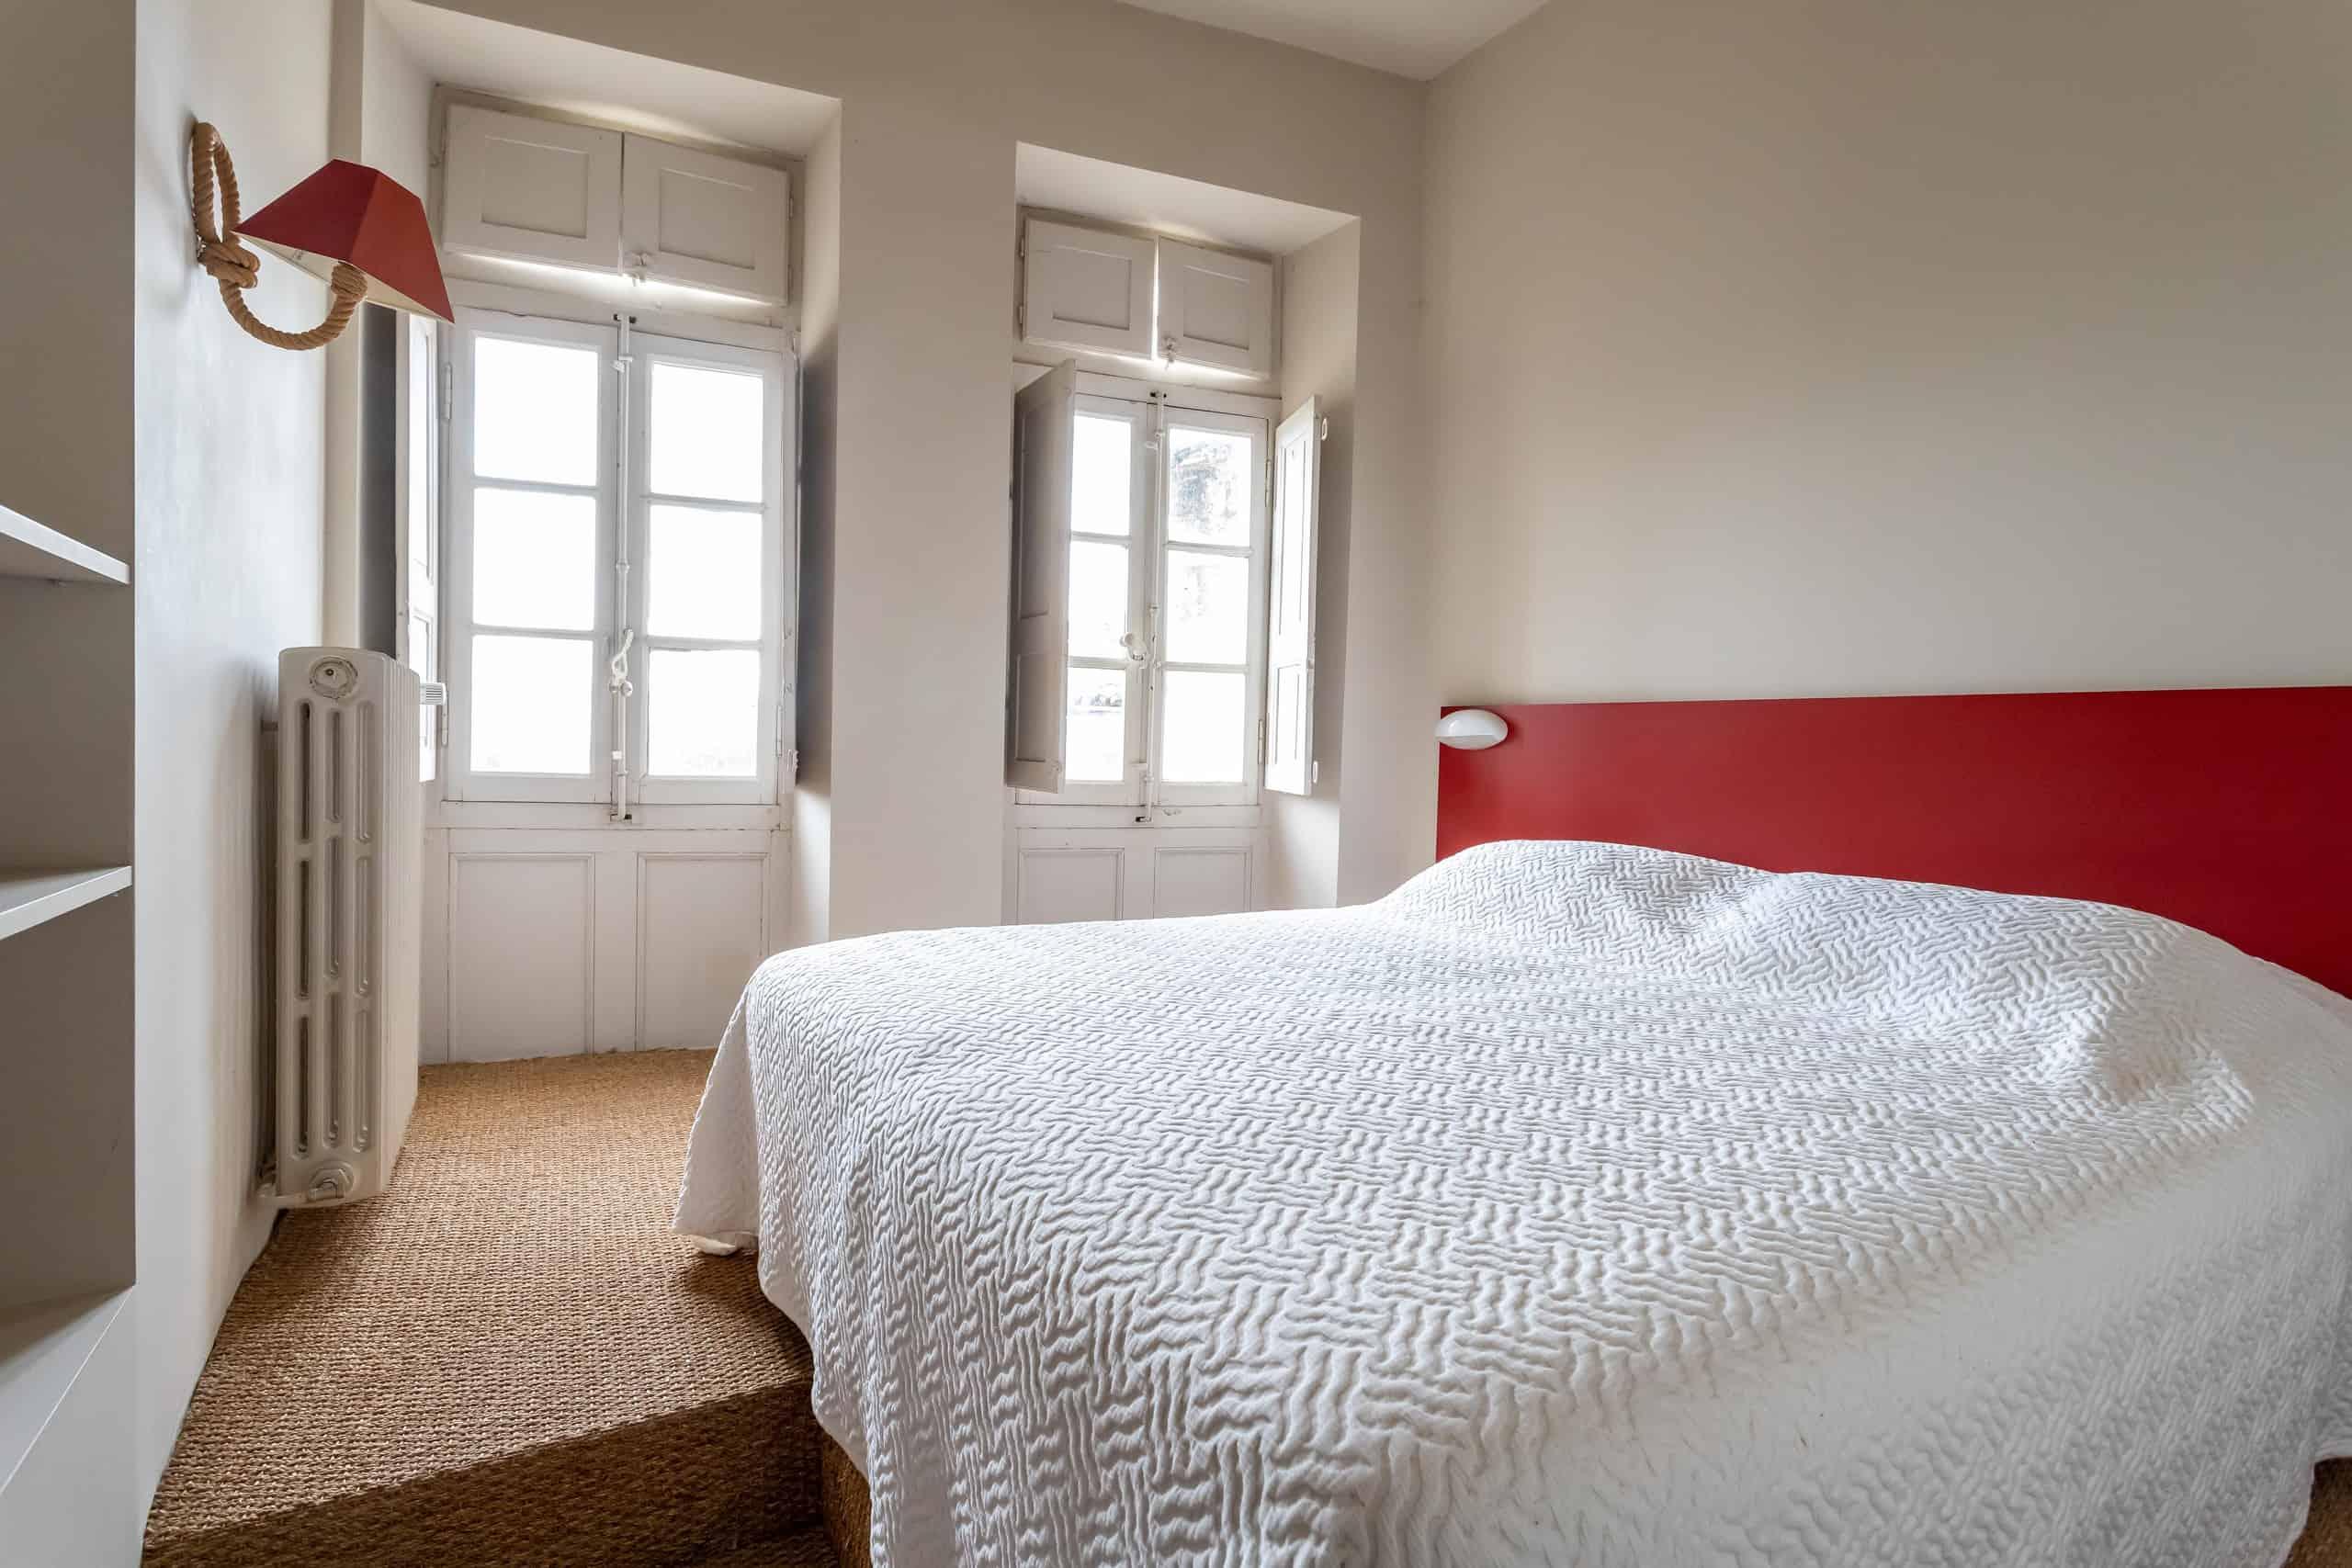 Bedroom-4-WMC110